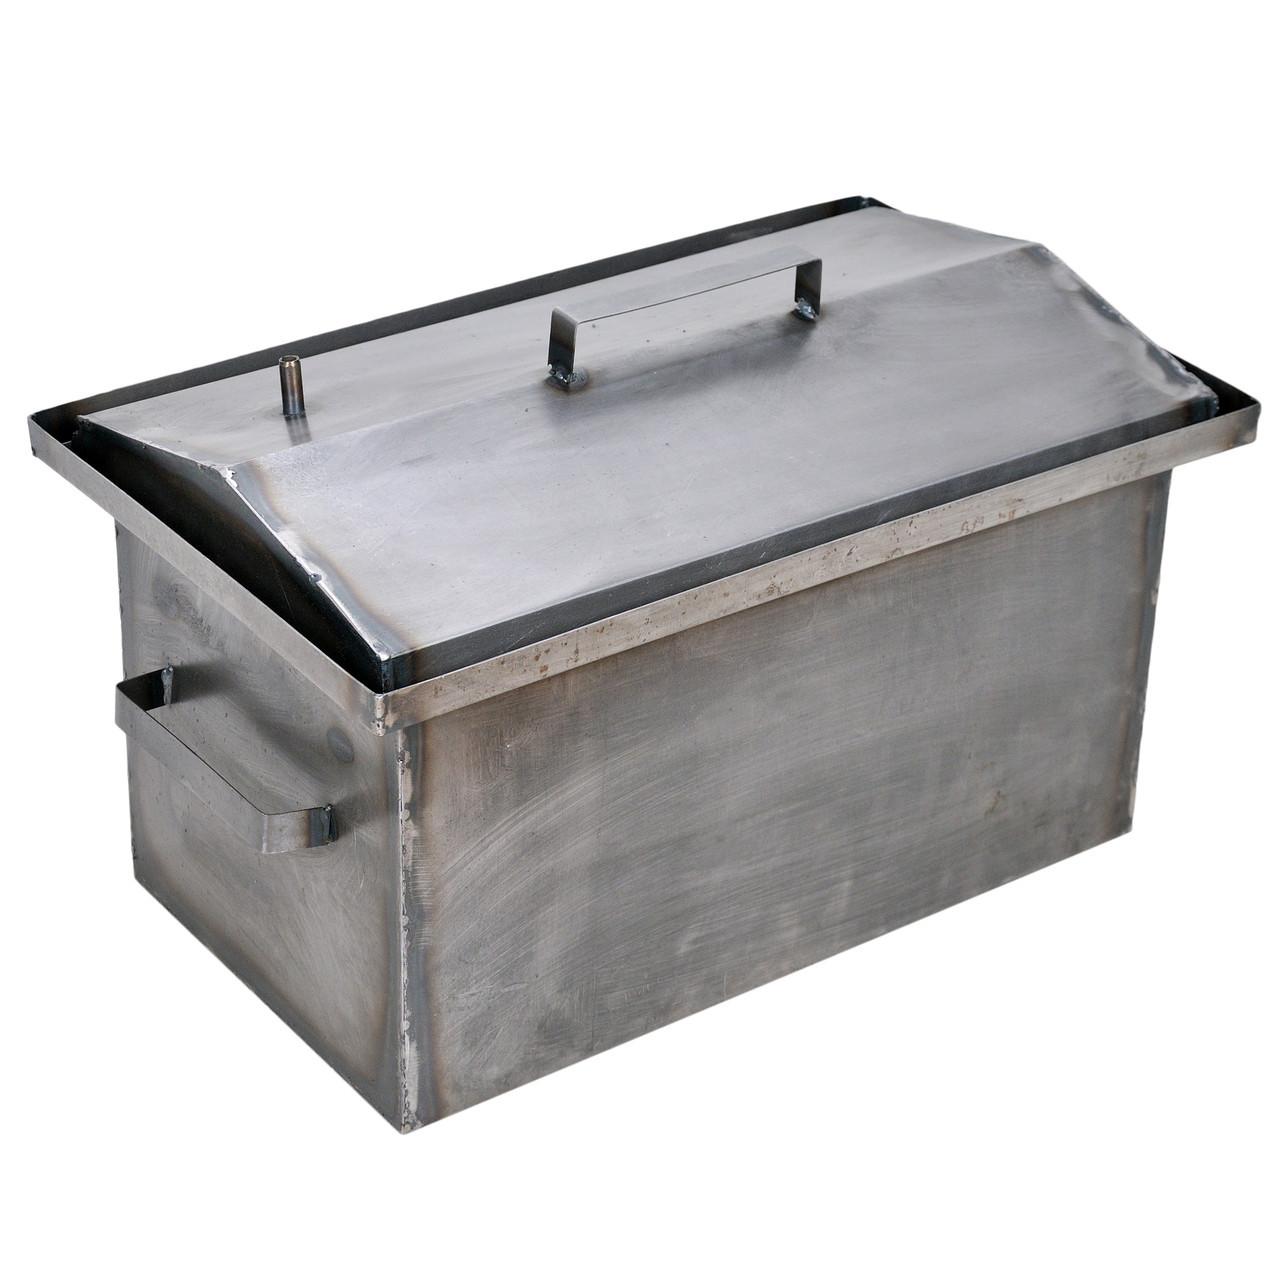 Коптильня горячего копчения 1 мм 520х310х260 мм (РК-242546)